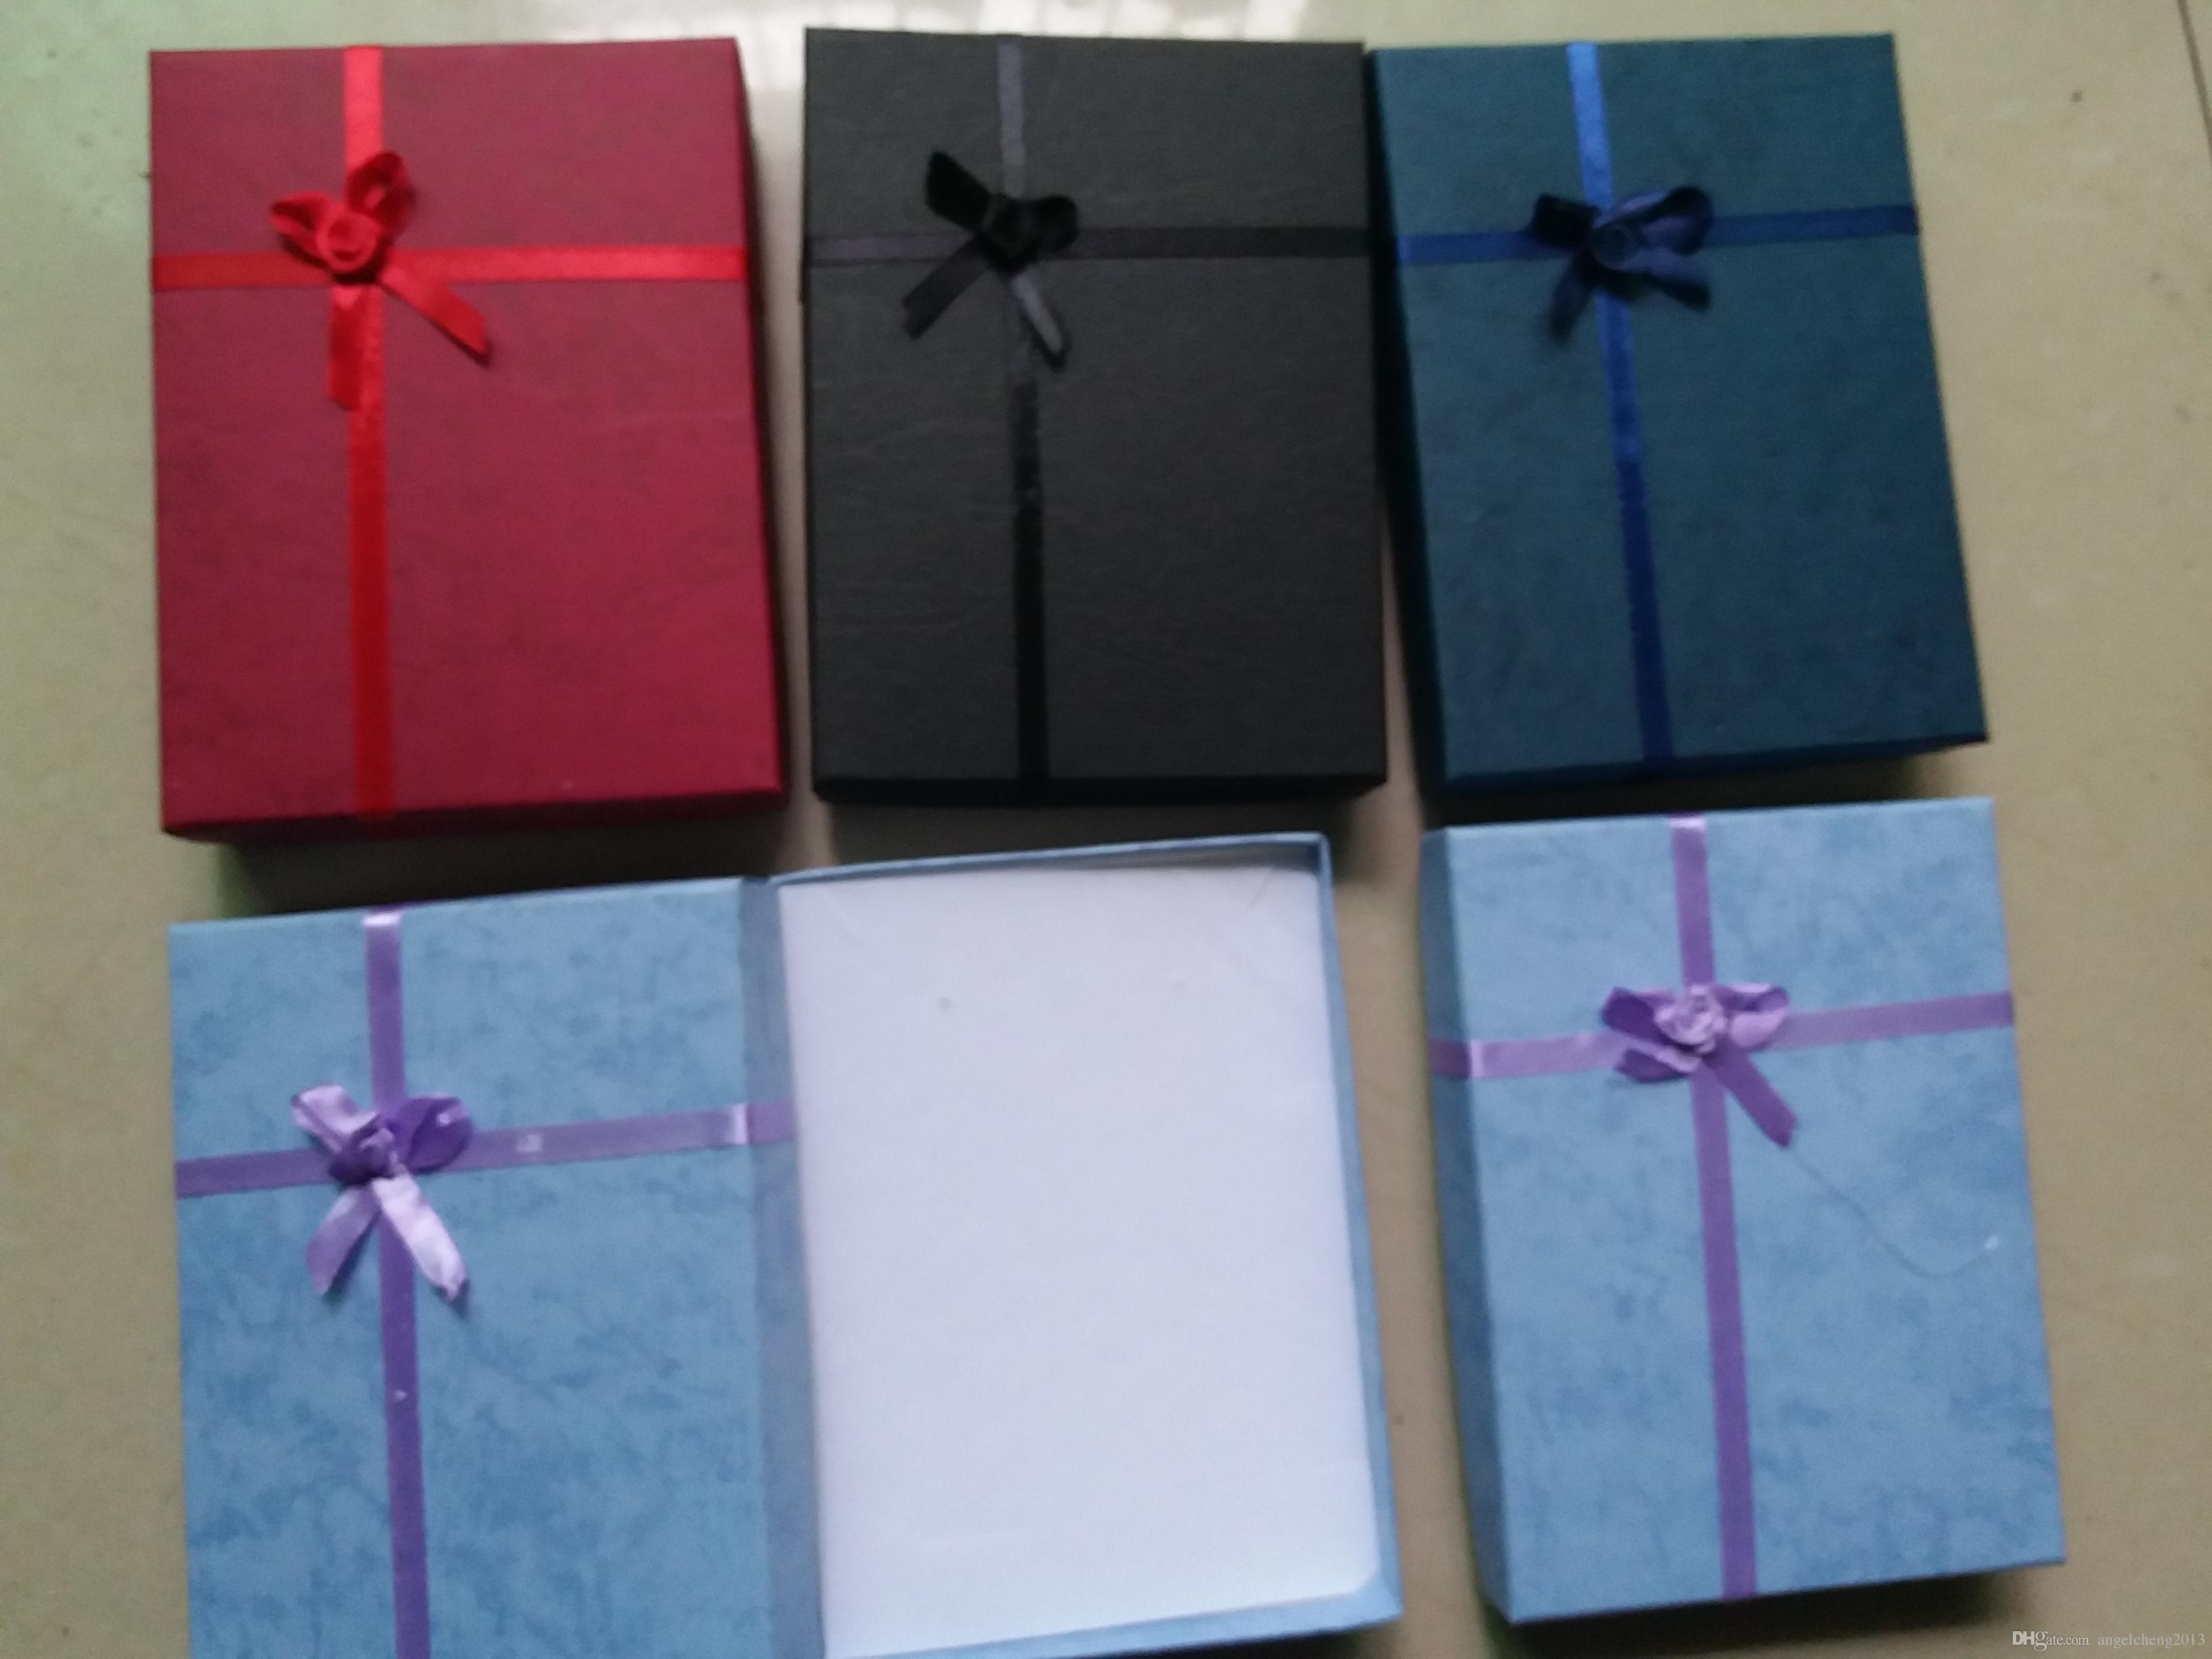 16cm * 12cm * 3cmのパッキングバッグディスプレイボックス、ジュエリーボックス、リングブレスレット、バングルネックレスボックス、ギフトボックス、12ピース/ロット、ランダムカラー